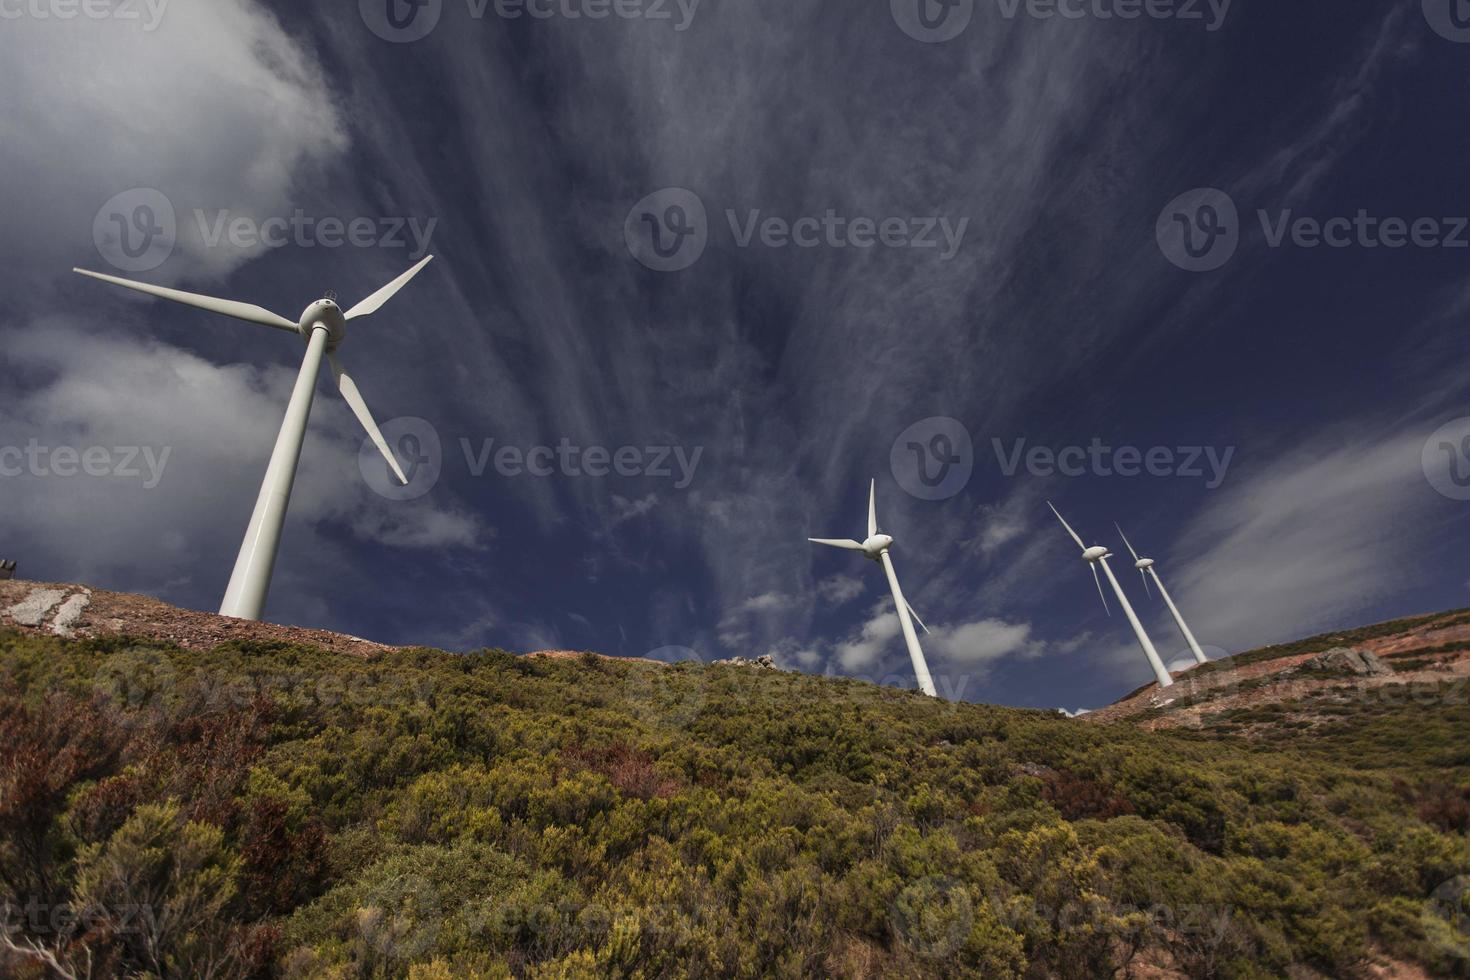 hilera de aerogeneradores entre arbustos verdes foto